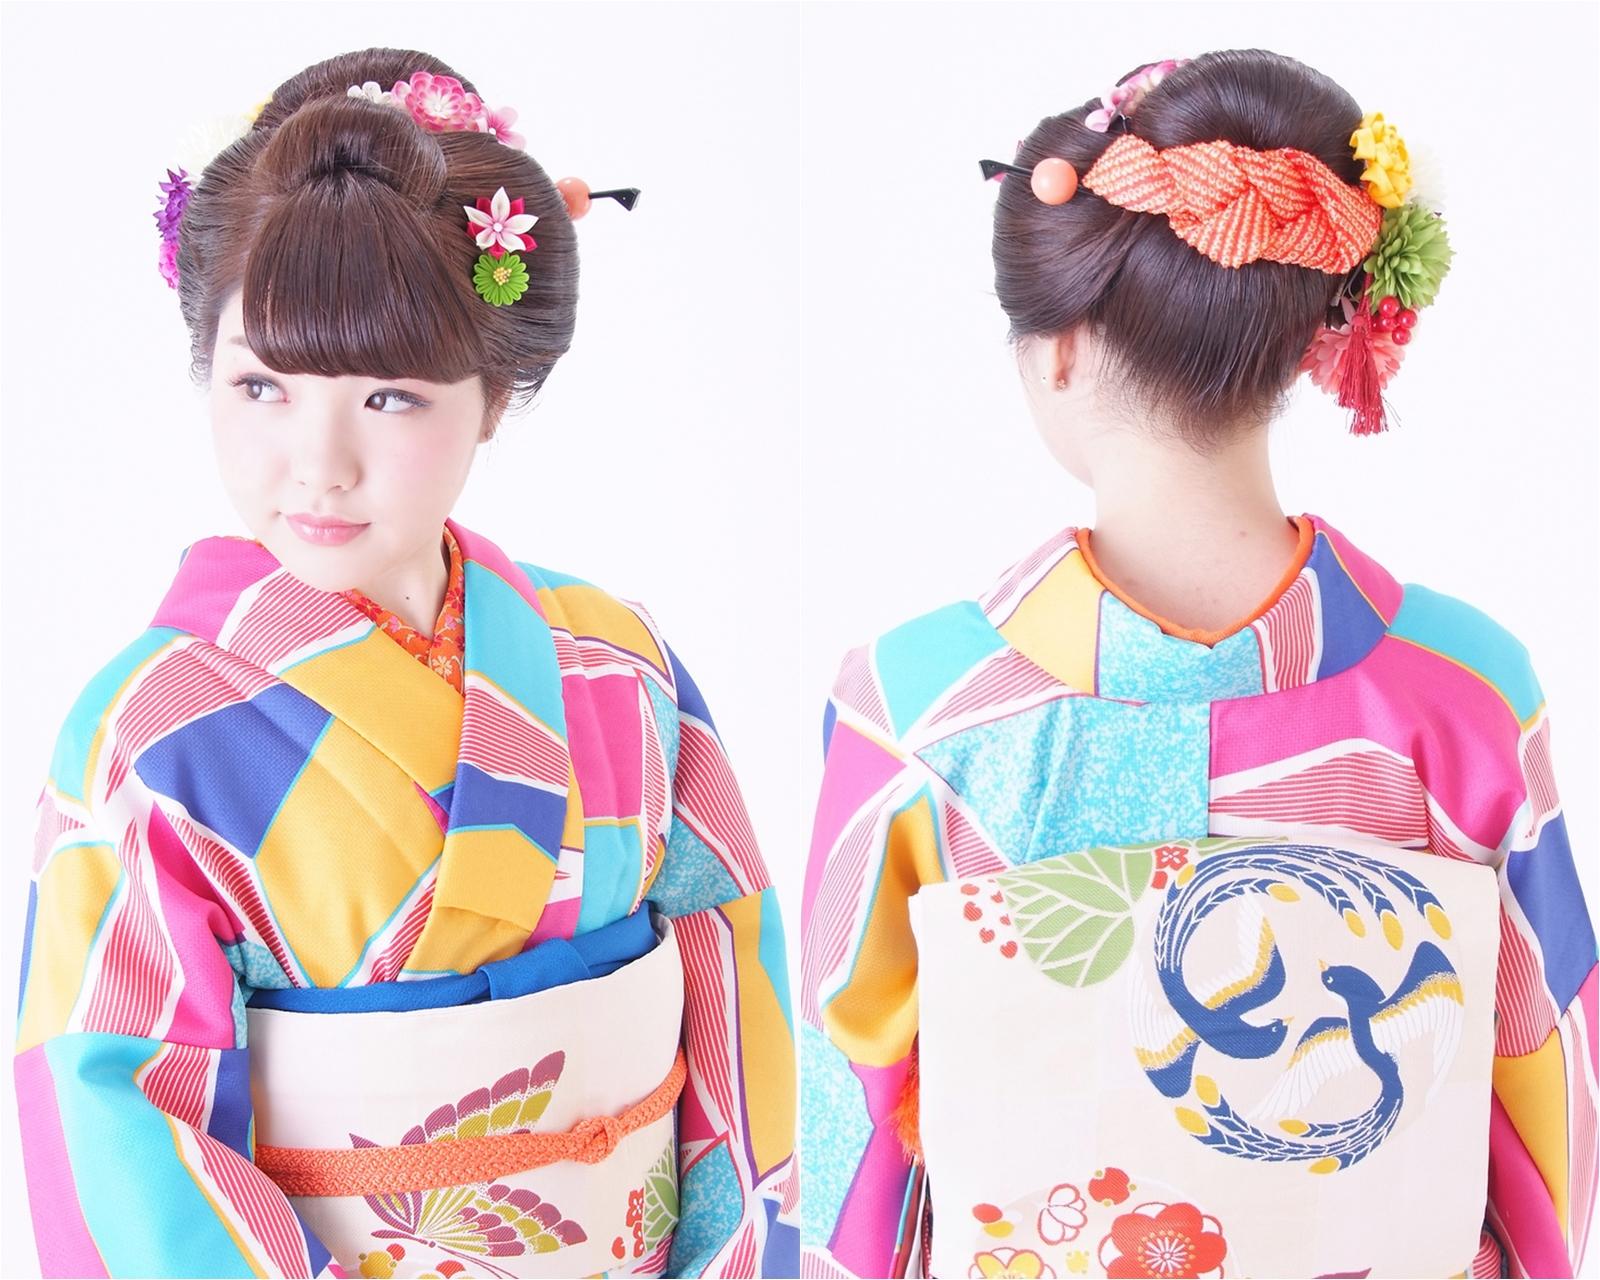 前髪をおろした可愛らしい日本髪